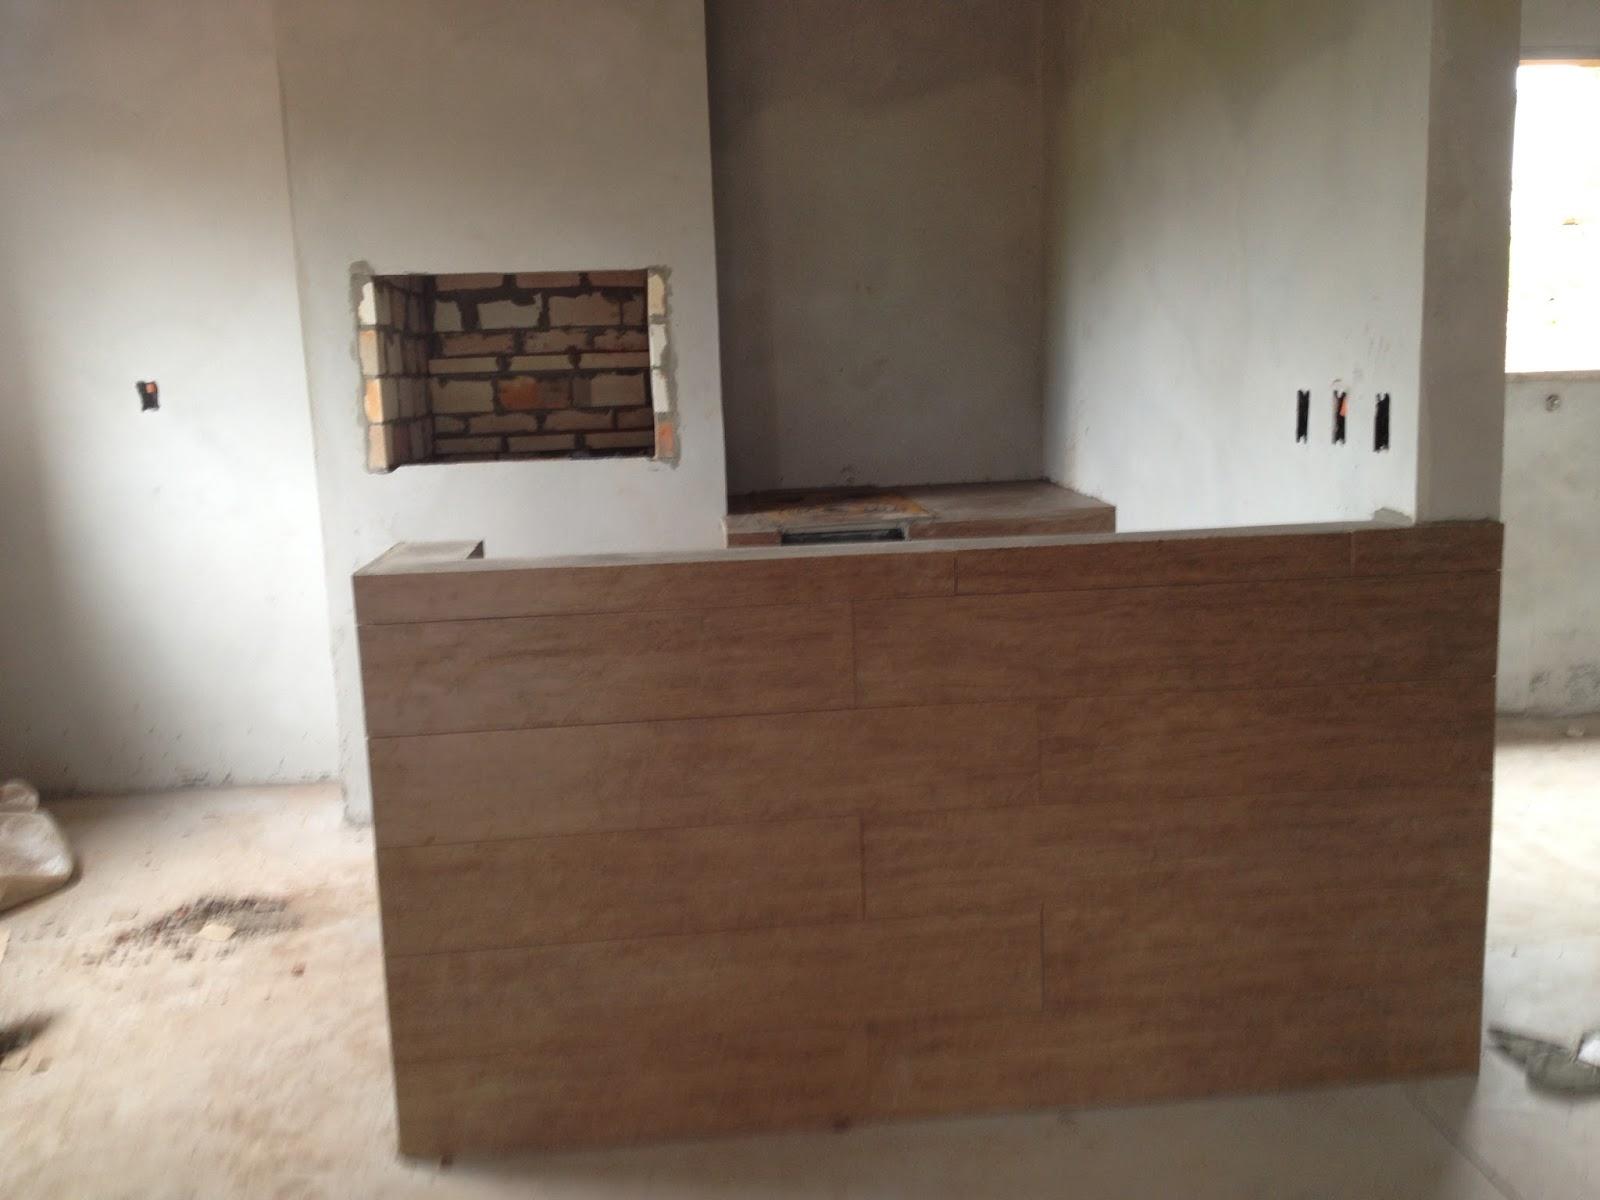 Tanto a bancada quanto o fogão a lenha ainda sem rejunte na  #5F4535 1600x1200 Banheiro Com Piso Porcelanato Imitando Madeira